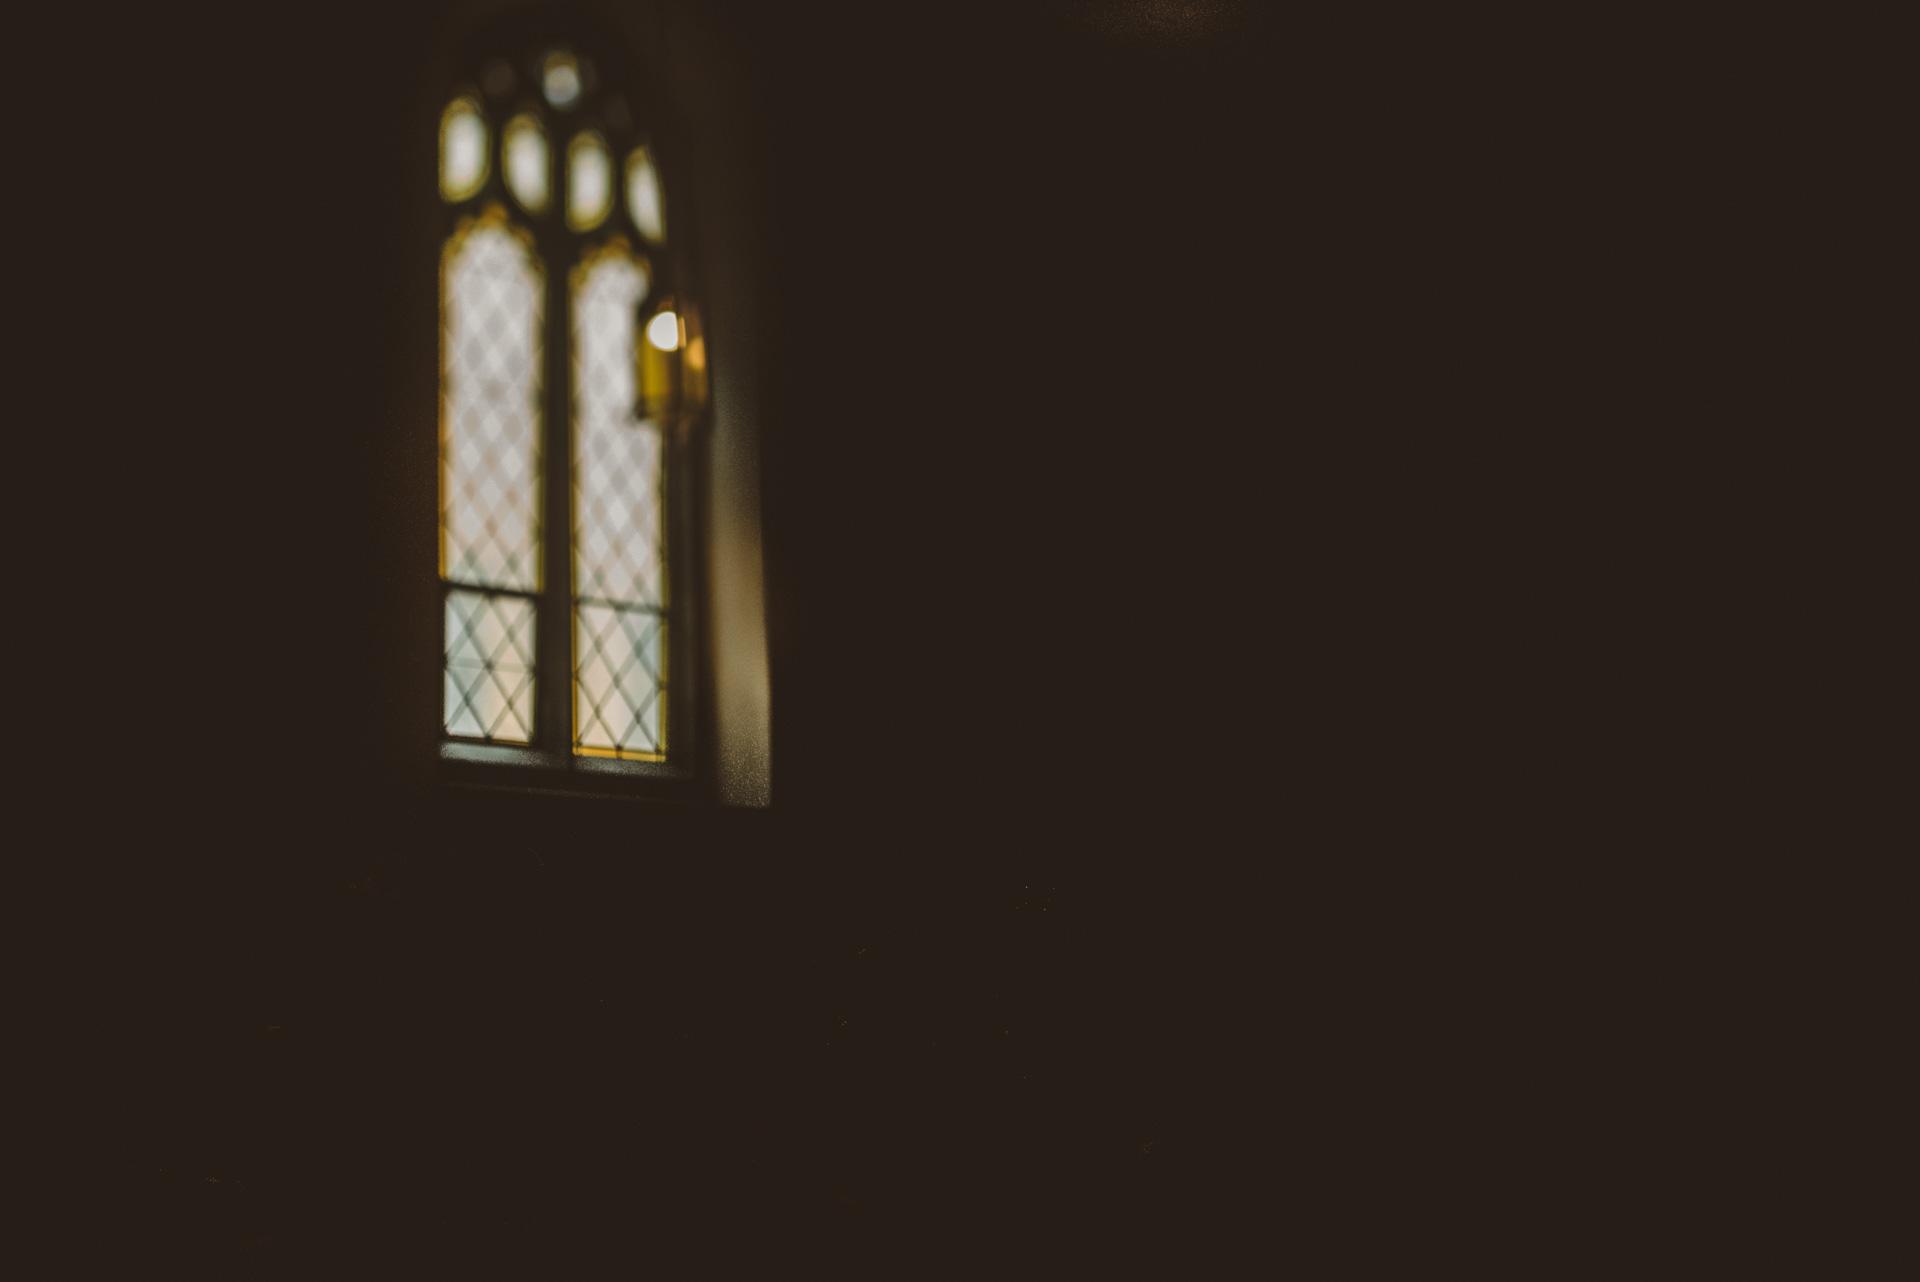 tilt shift of church window